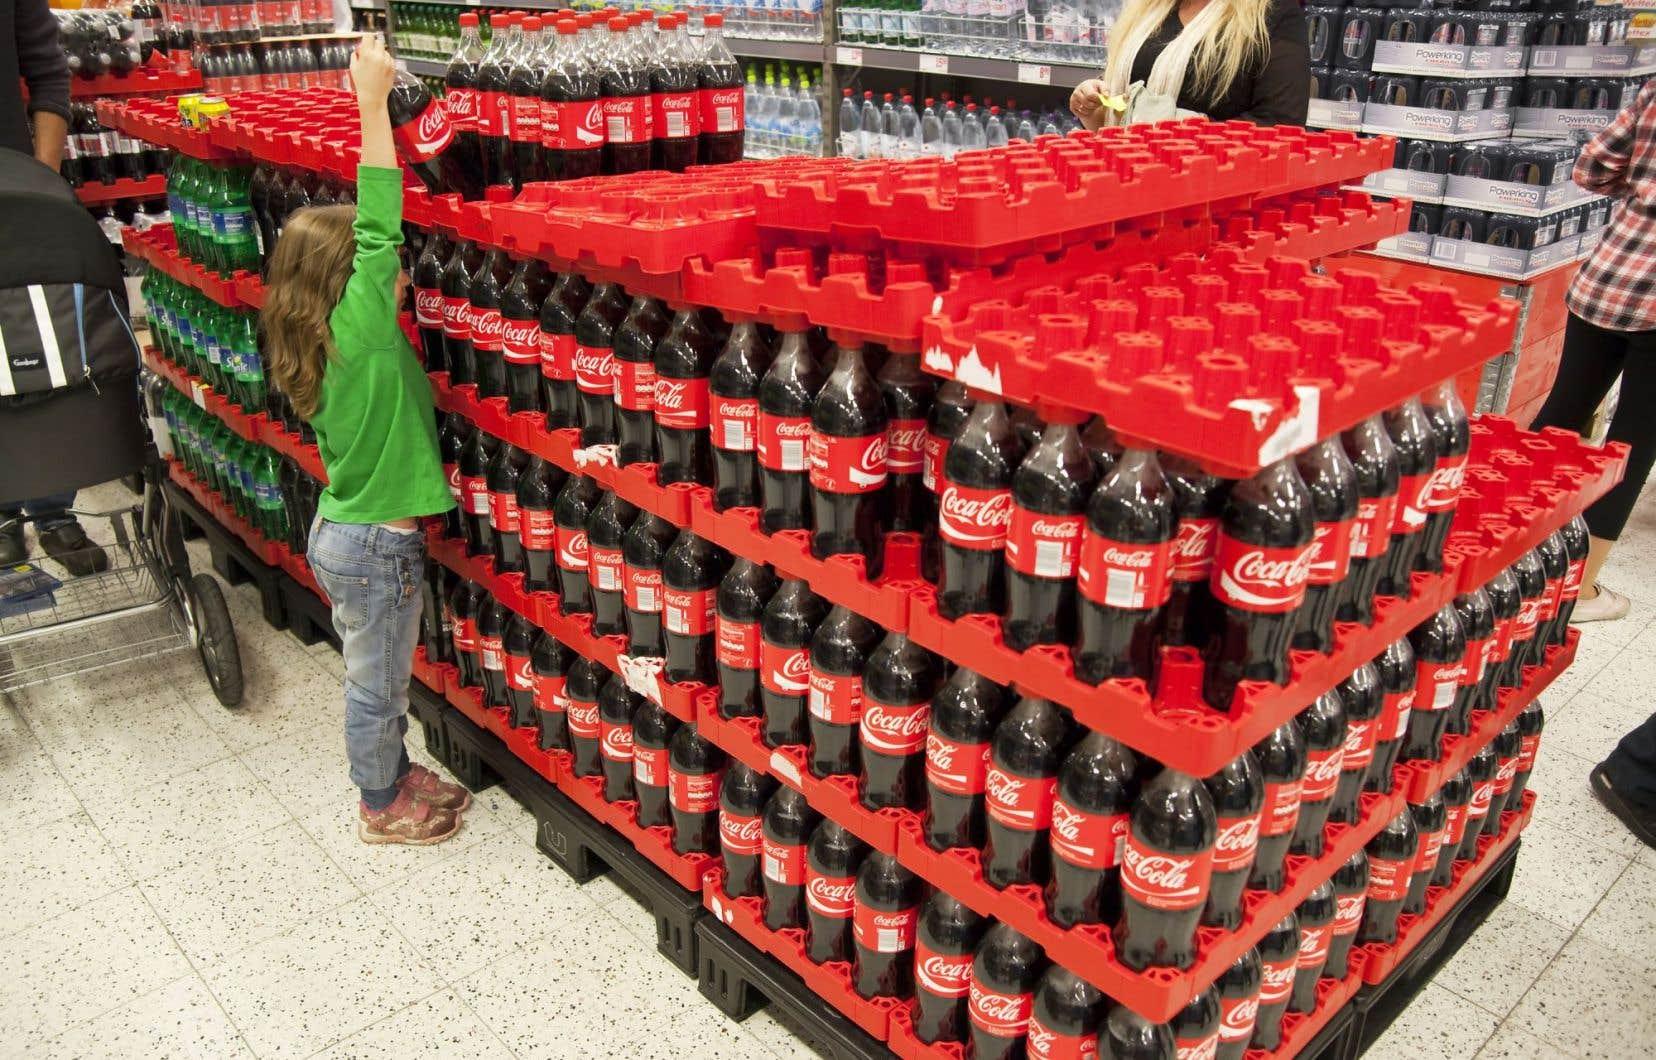 Le volume de publicité ciblant les enfants a considérablement augmenté.